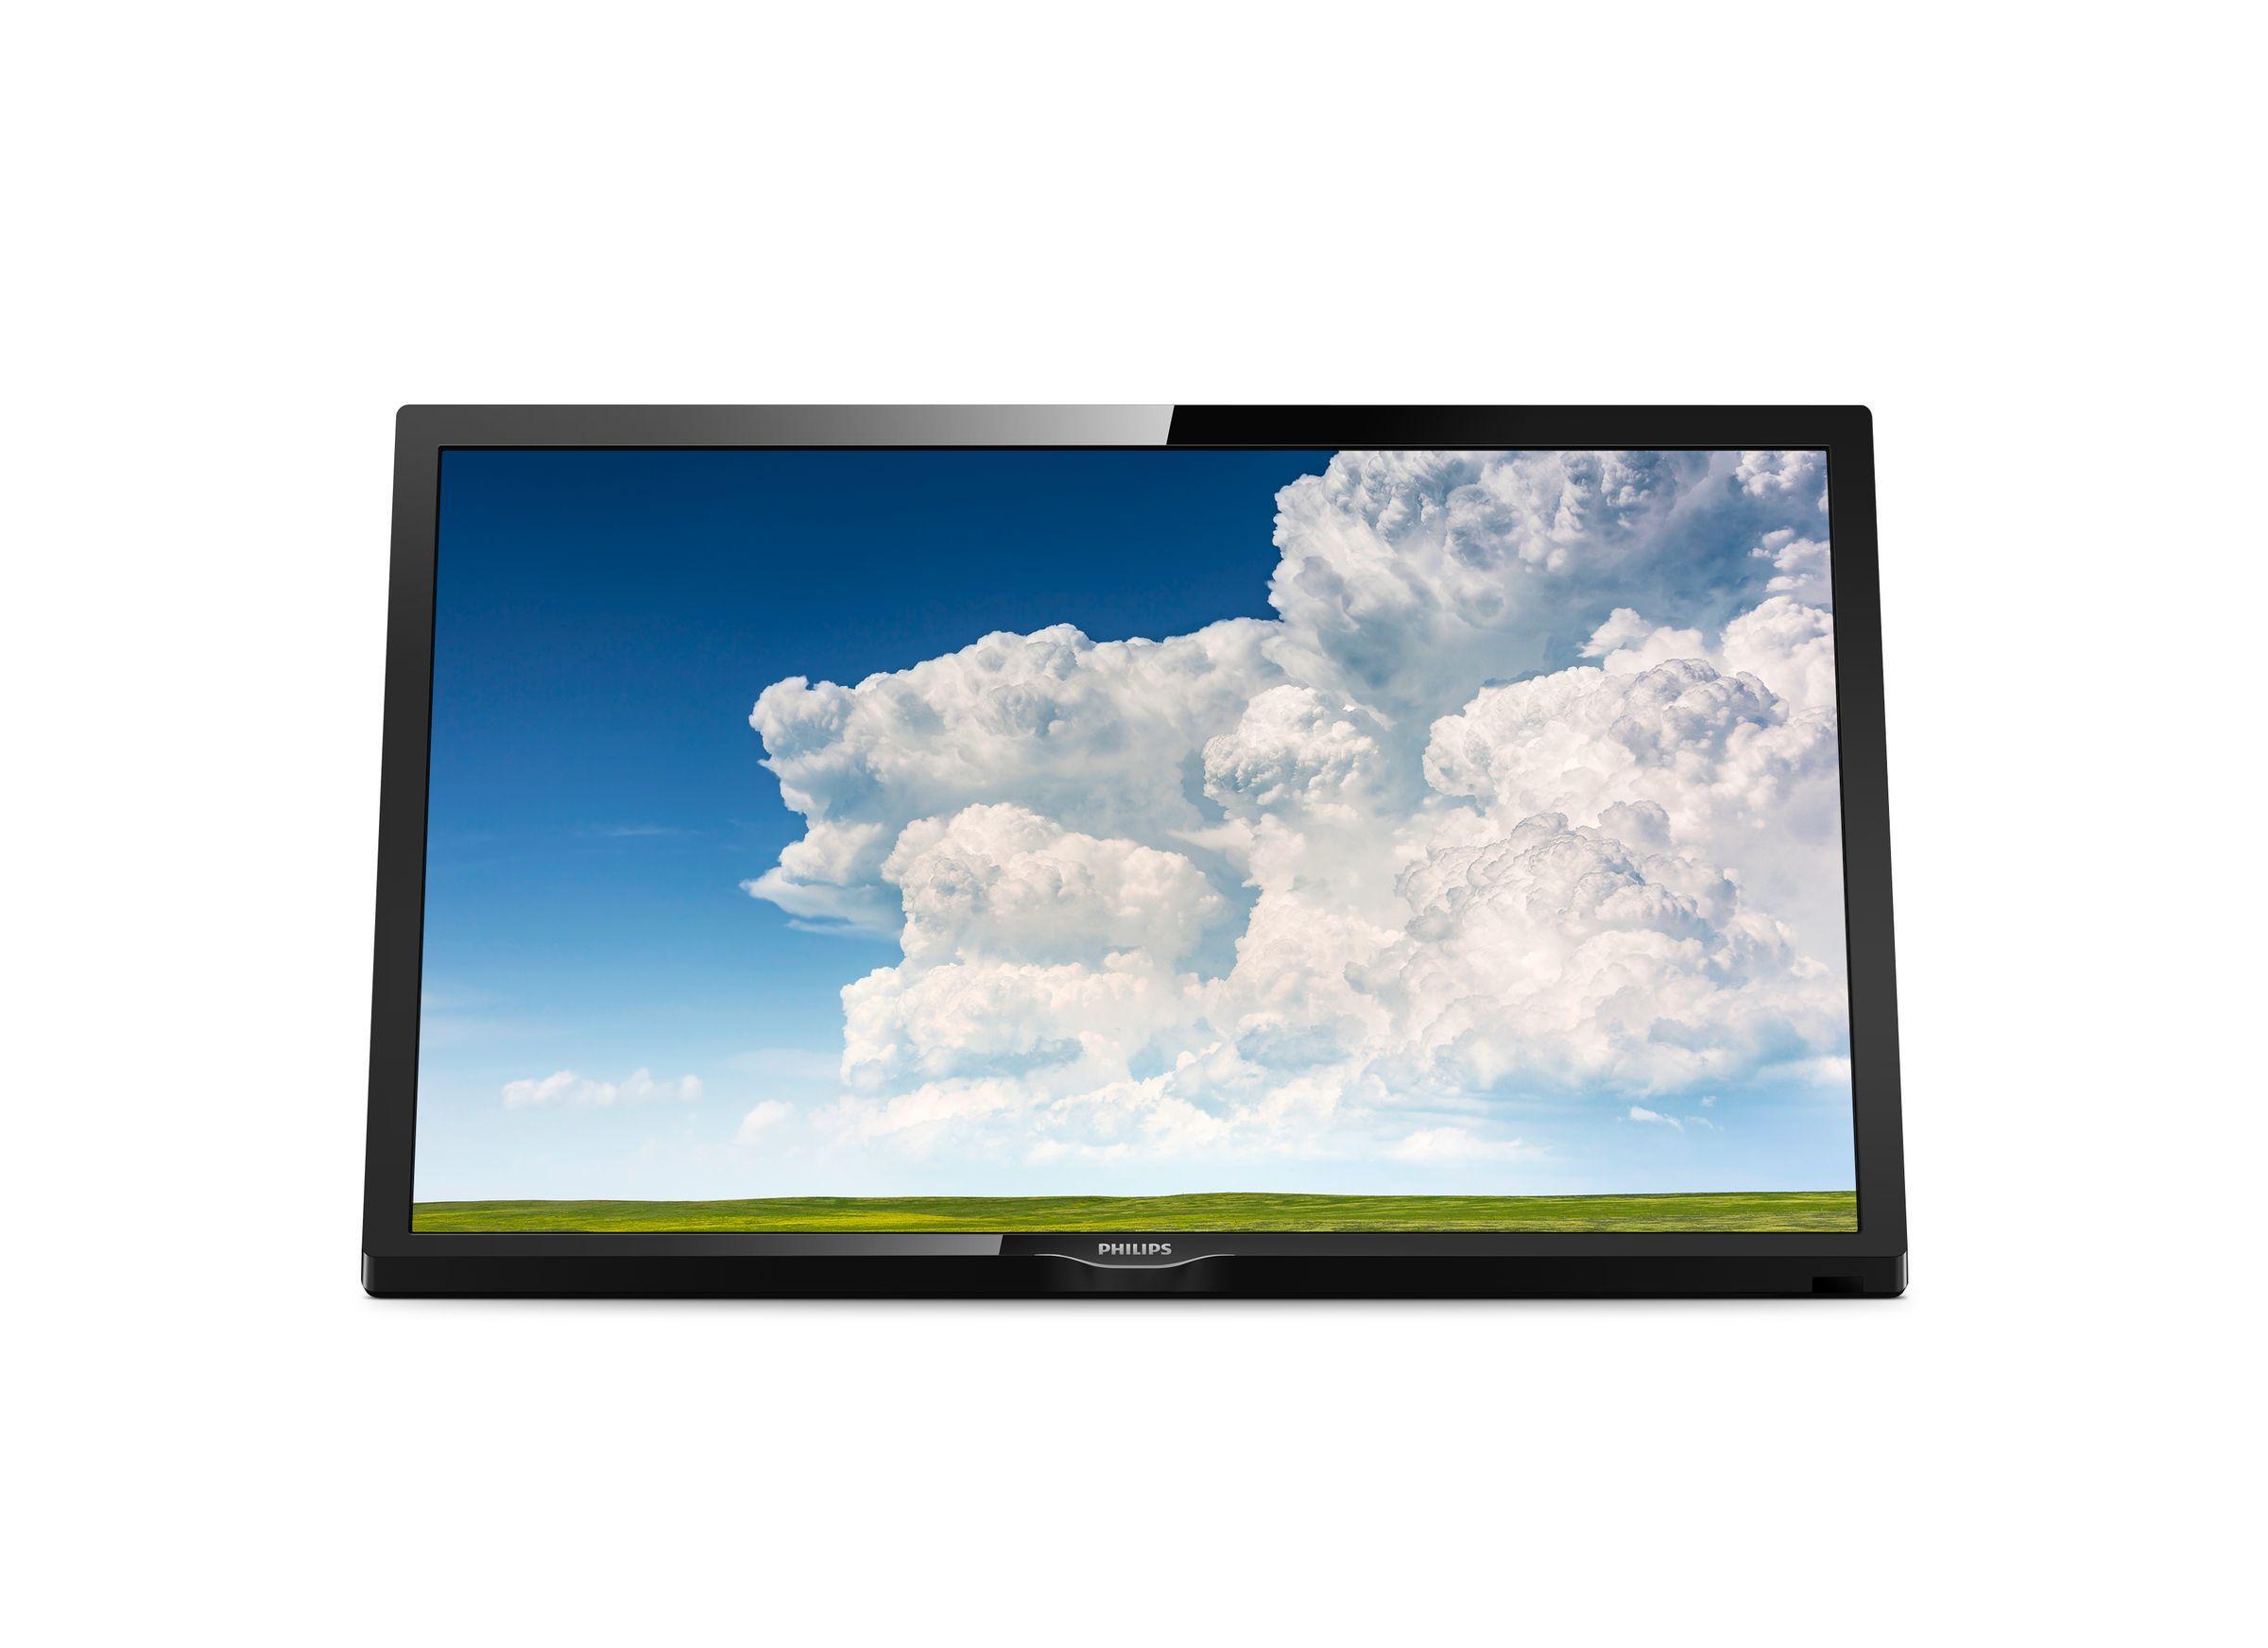 4300 series Téléviseur LED 24PHS4304/12